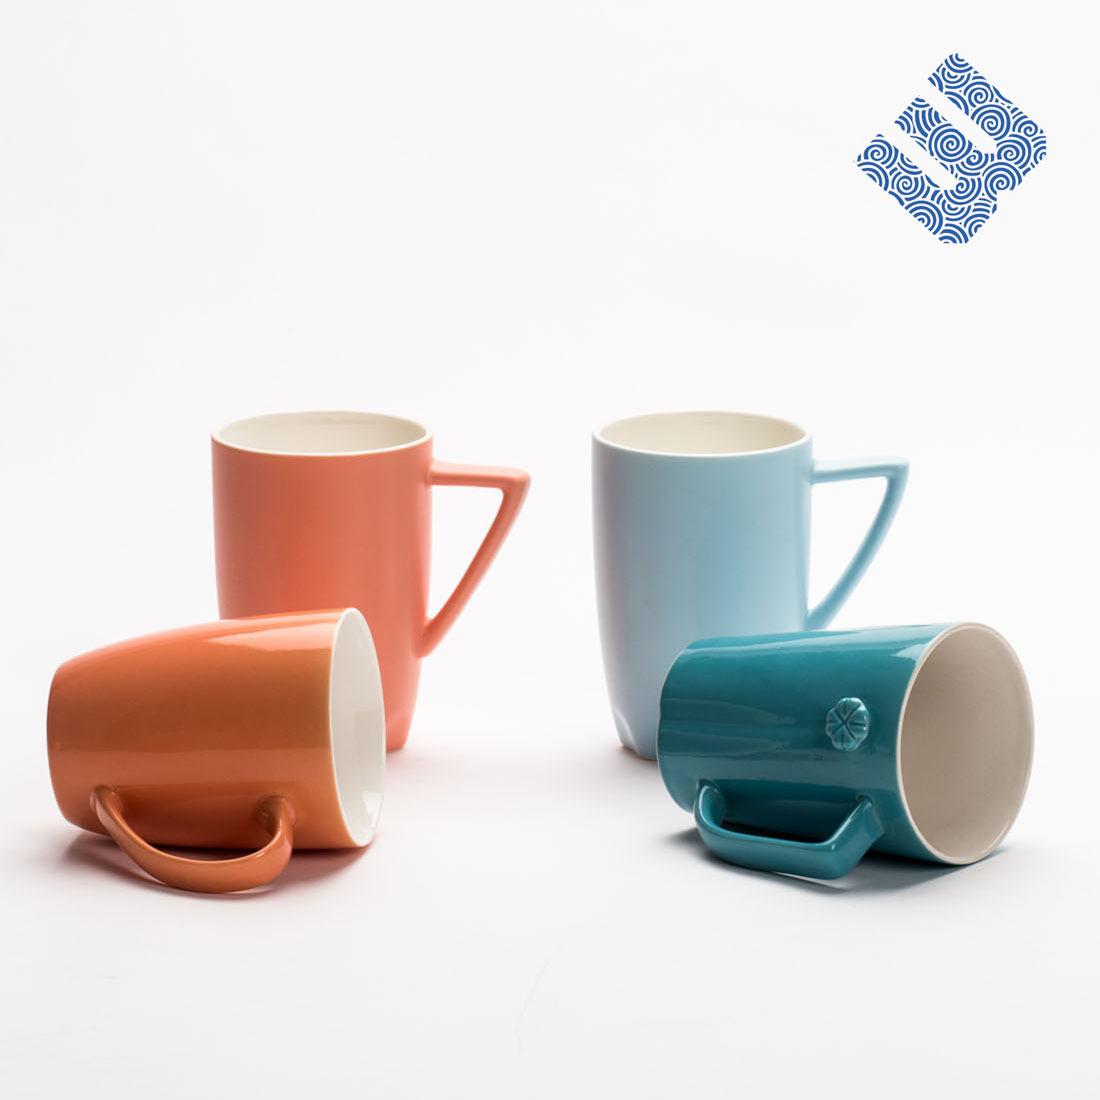 定制色釉特殊器形陶瓷杯 现代设计个性创意马克杯餐具礼品杯子图片